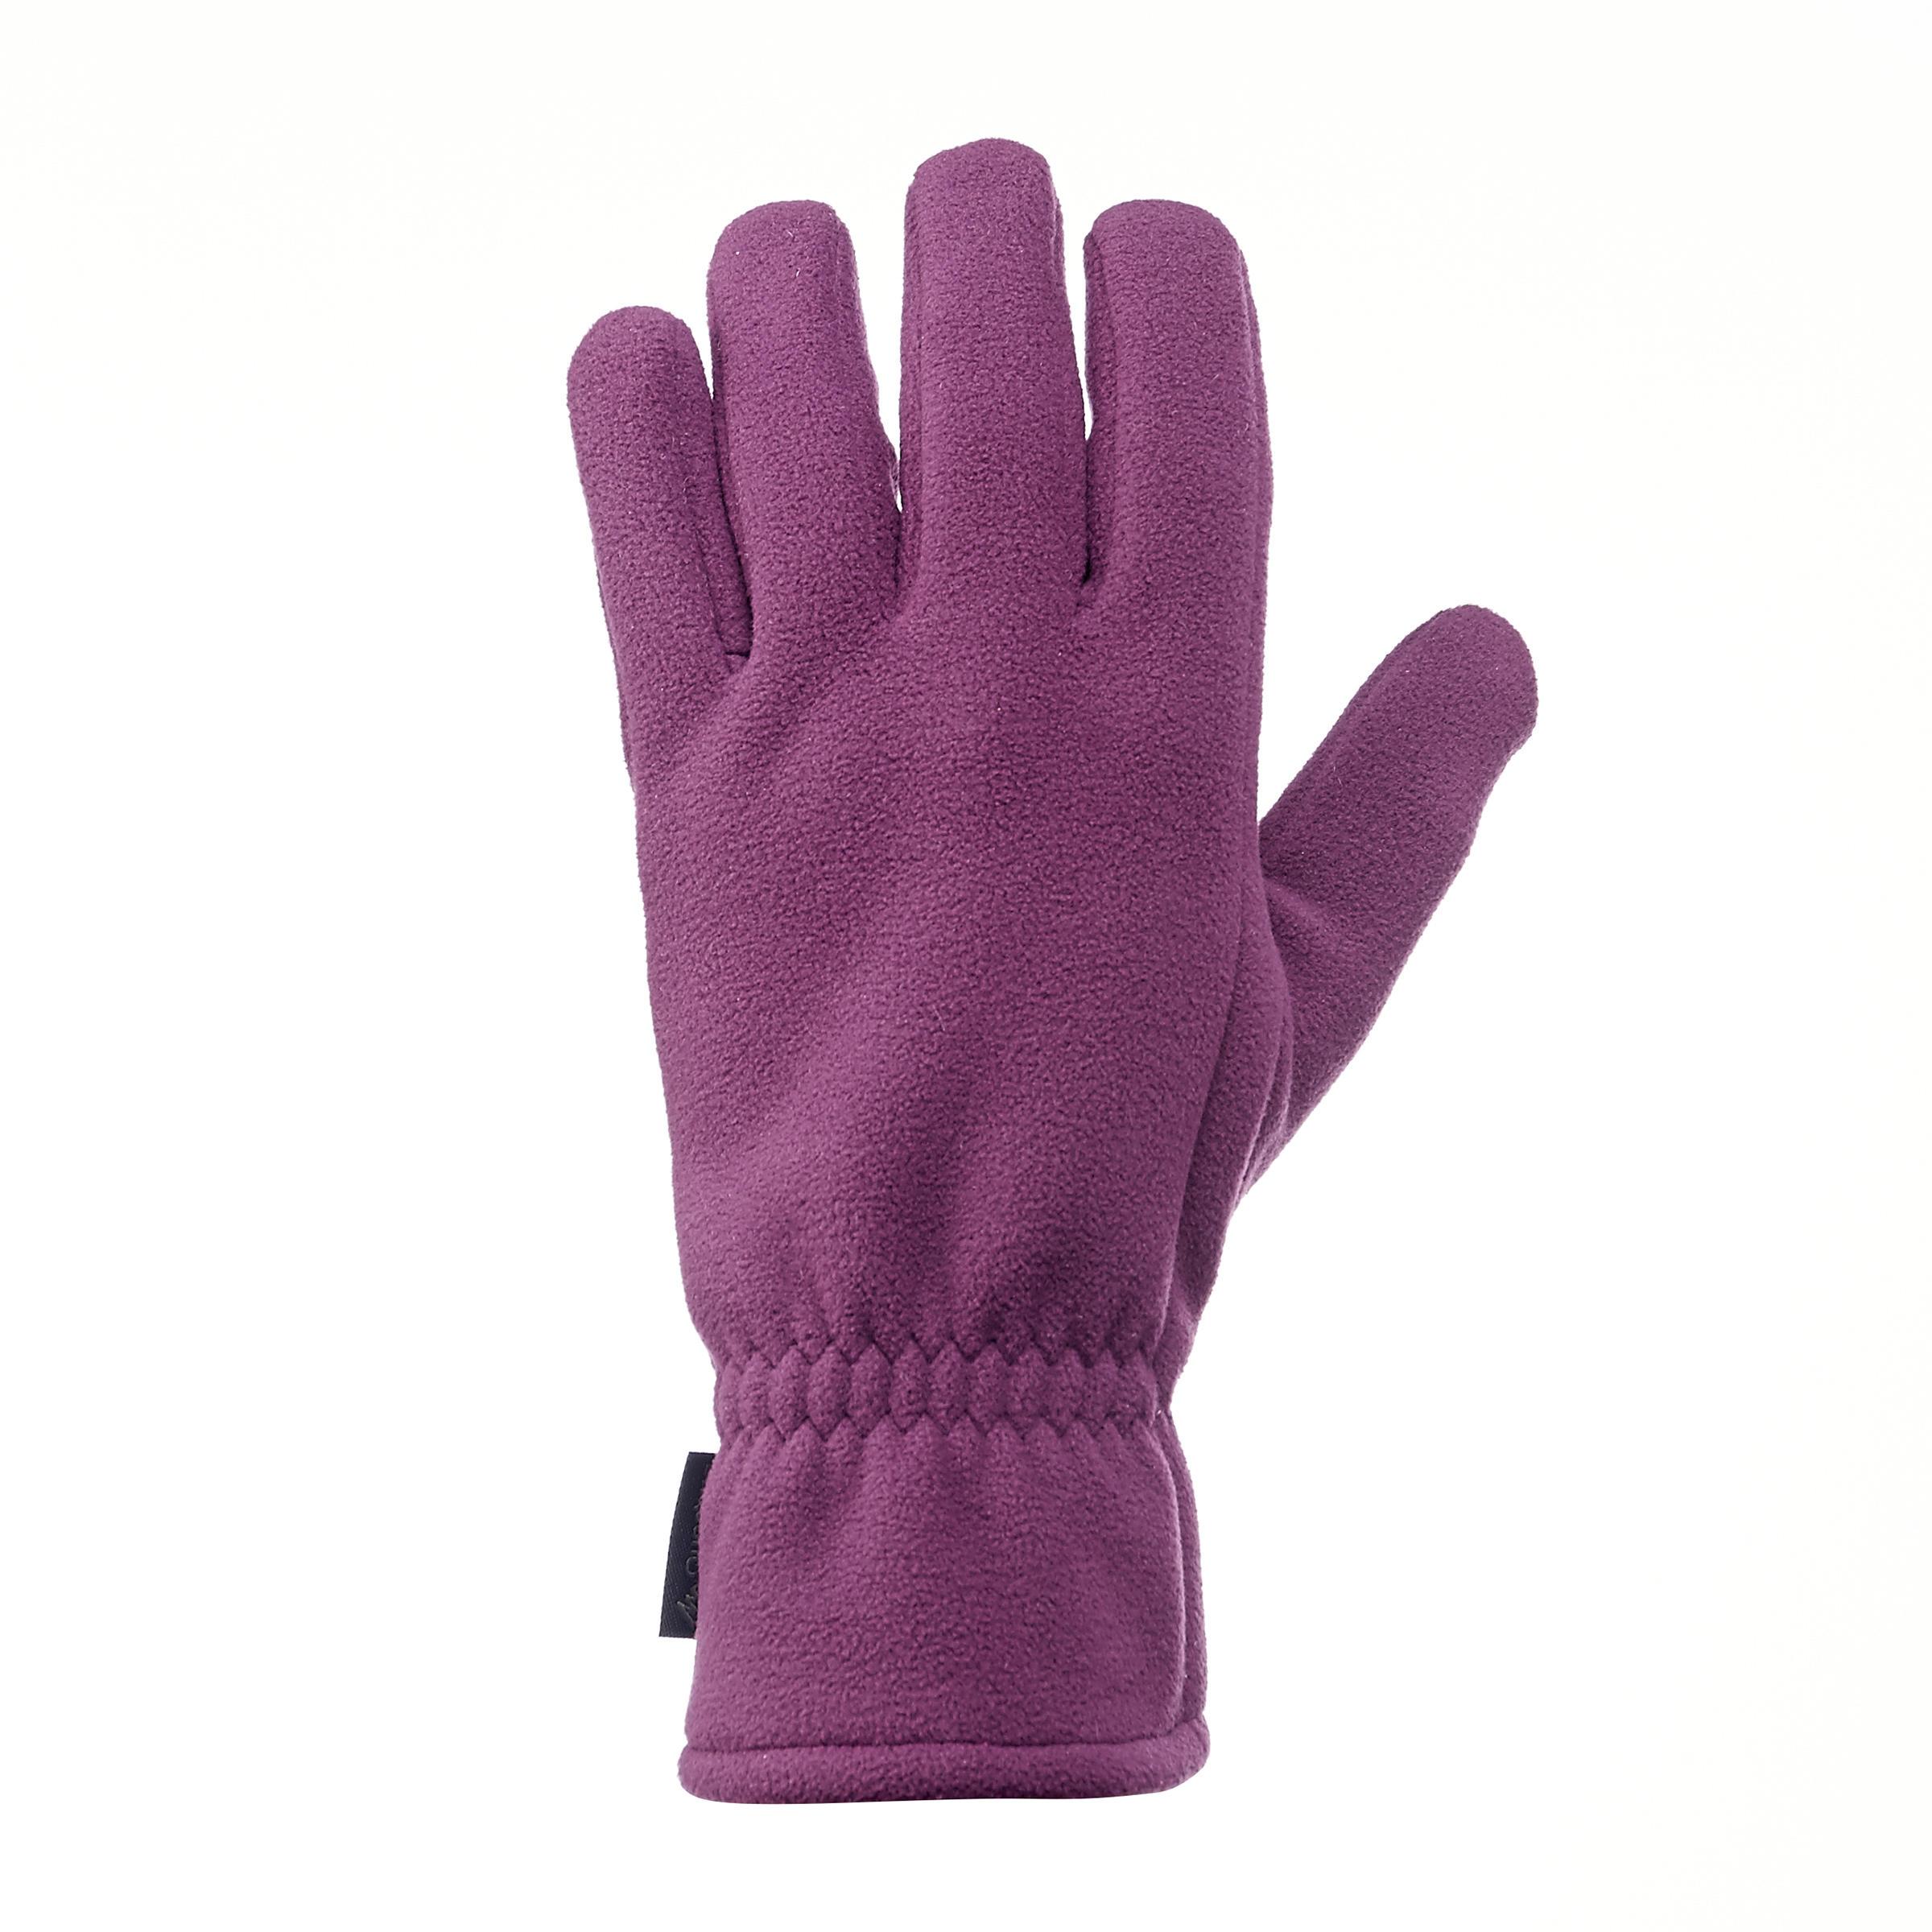 Gants randonnée en montagne 500 polaire adulte violet